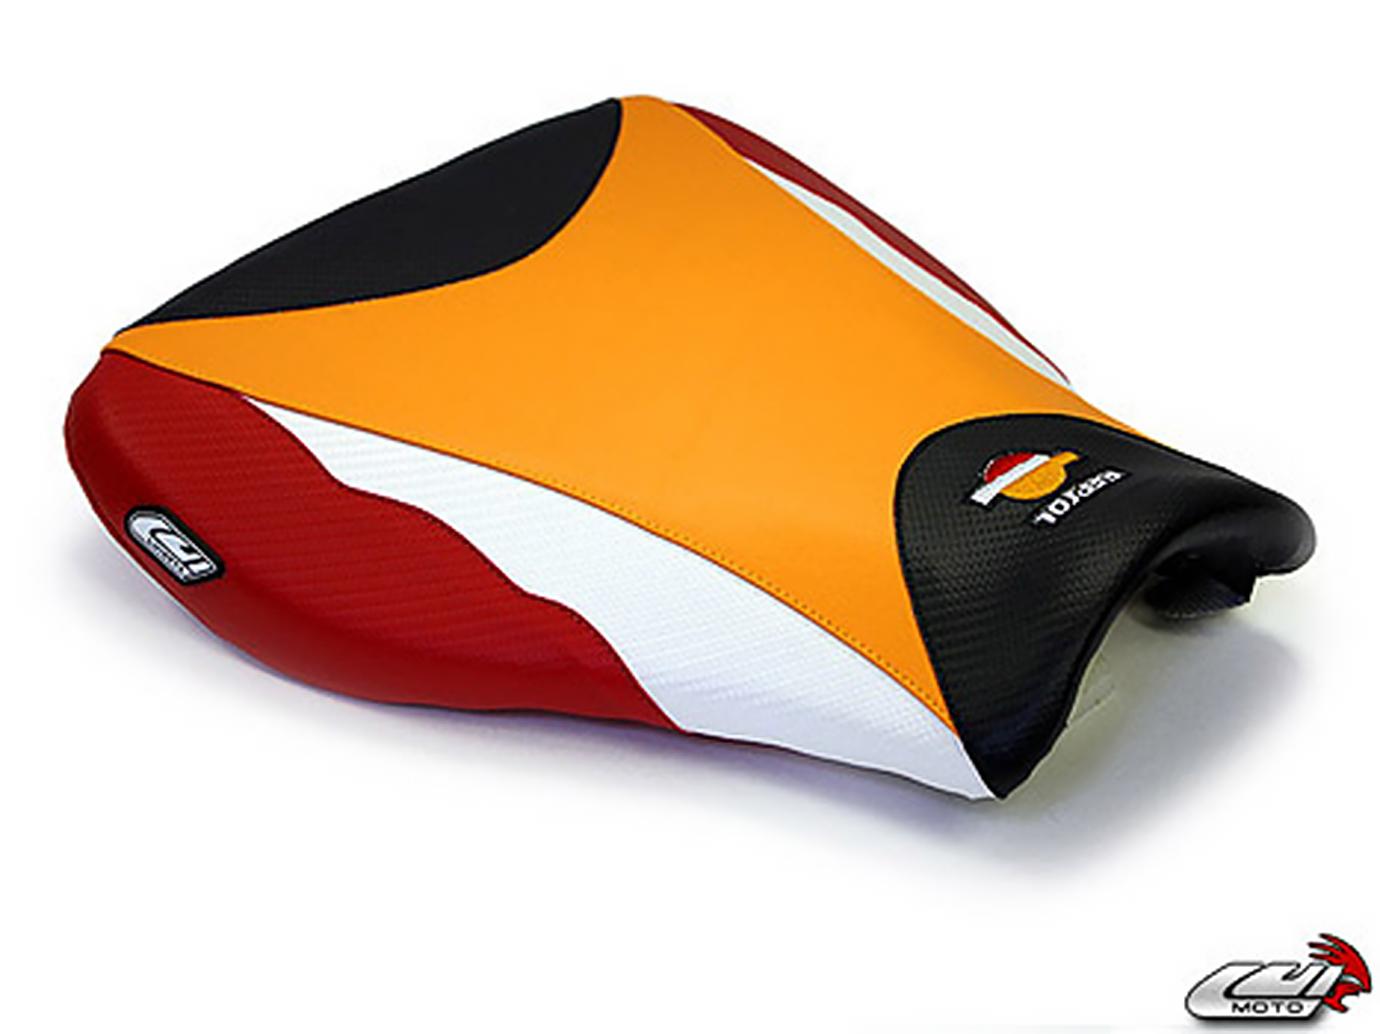 HONDA CBR600RR 14-19 LUIMOTO 製ライダーシートカバー (Limited Edition 2064101)